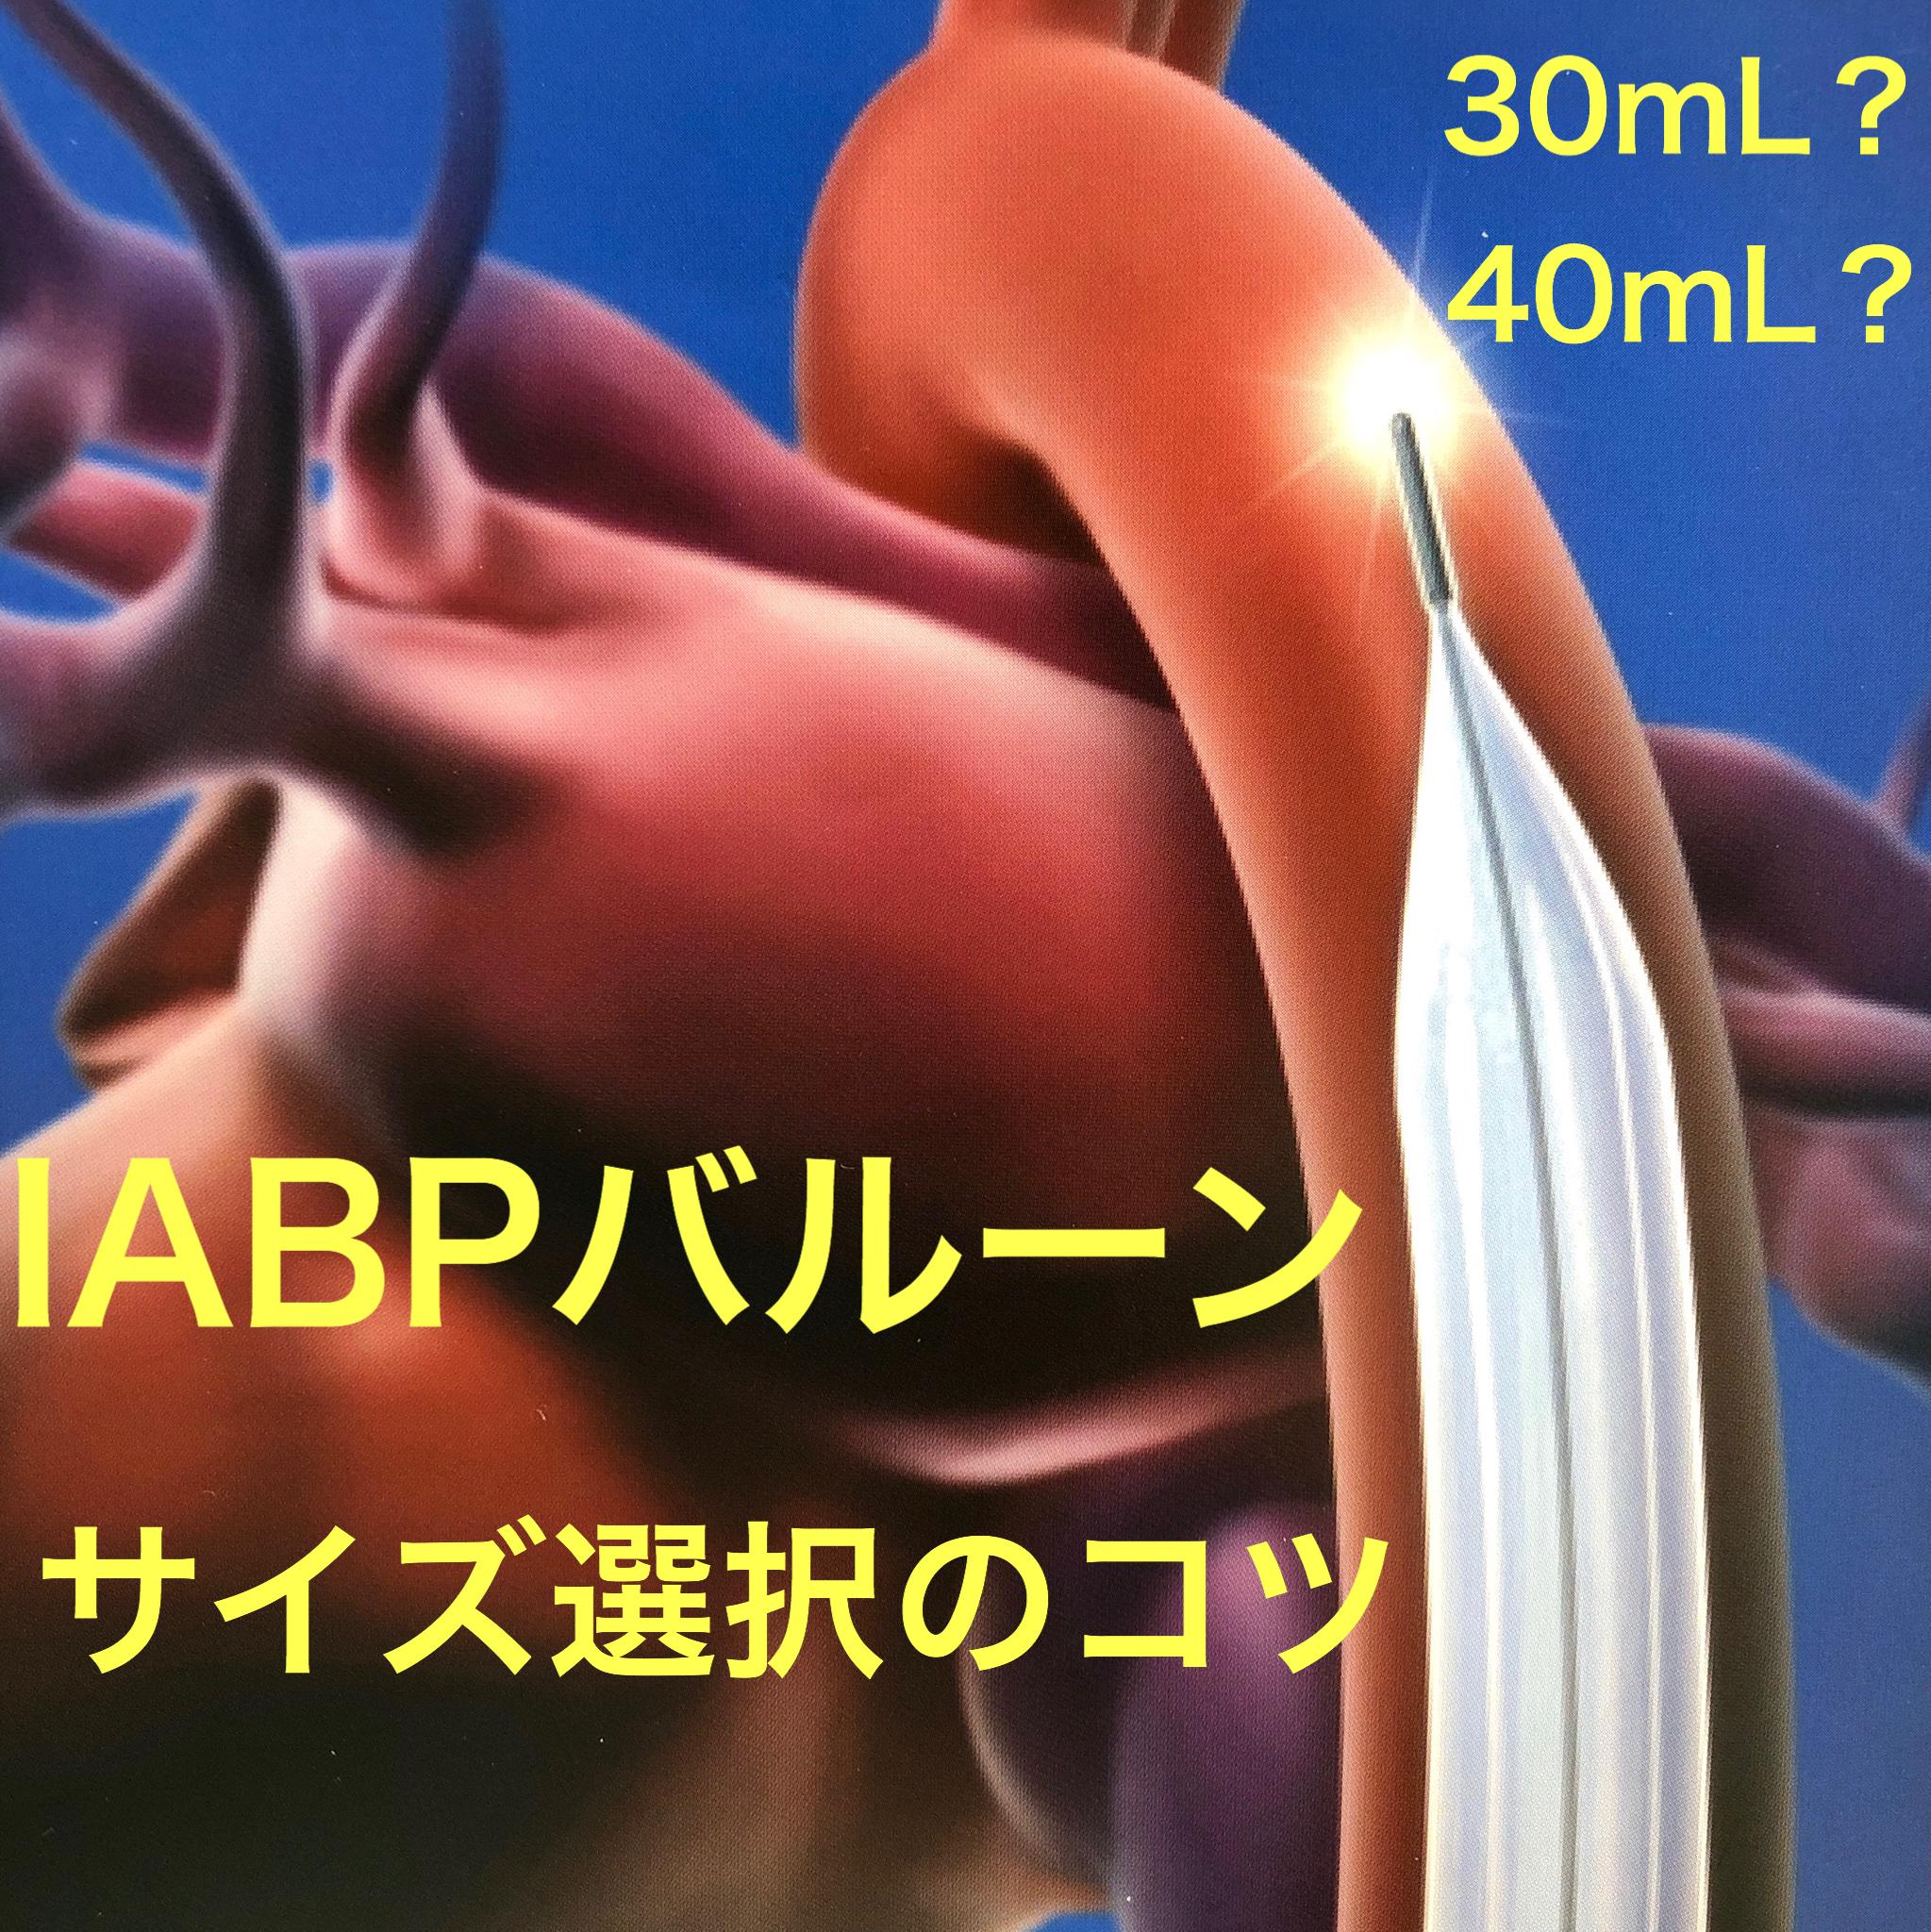 IABPのバルーンサイズと選択方法について解説します